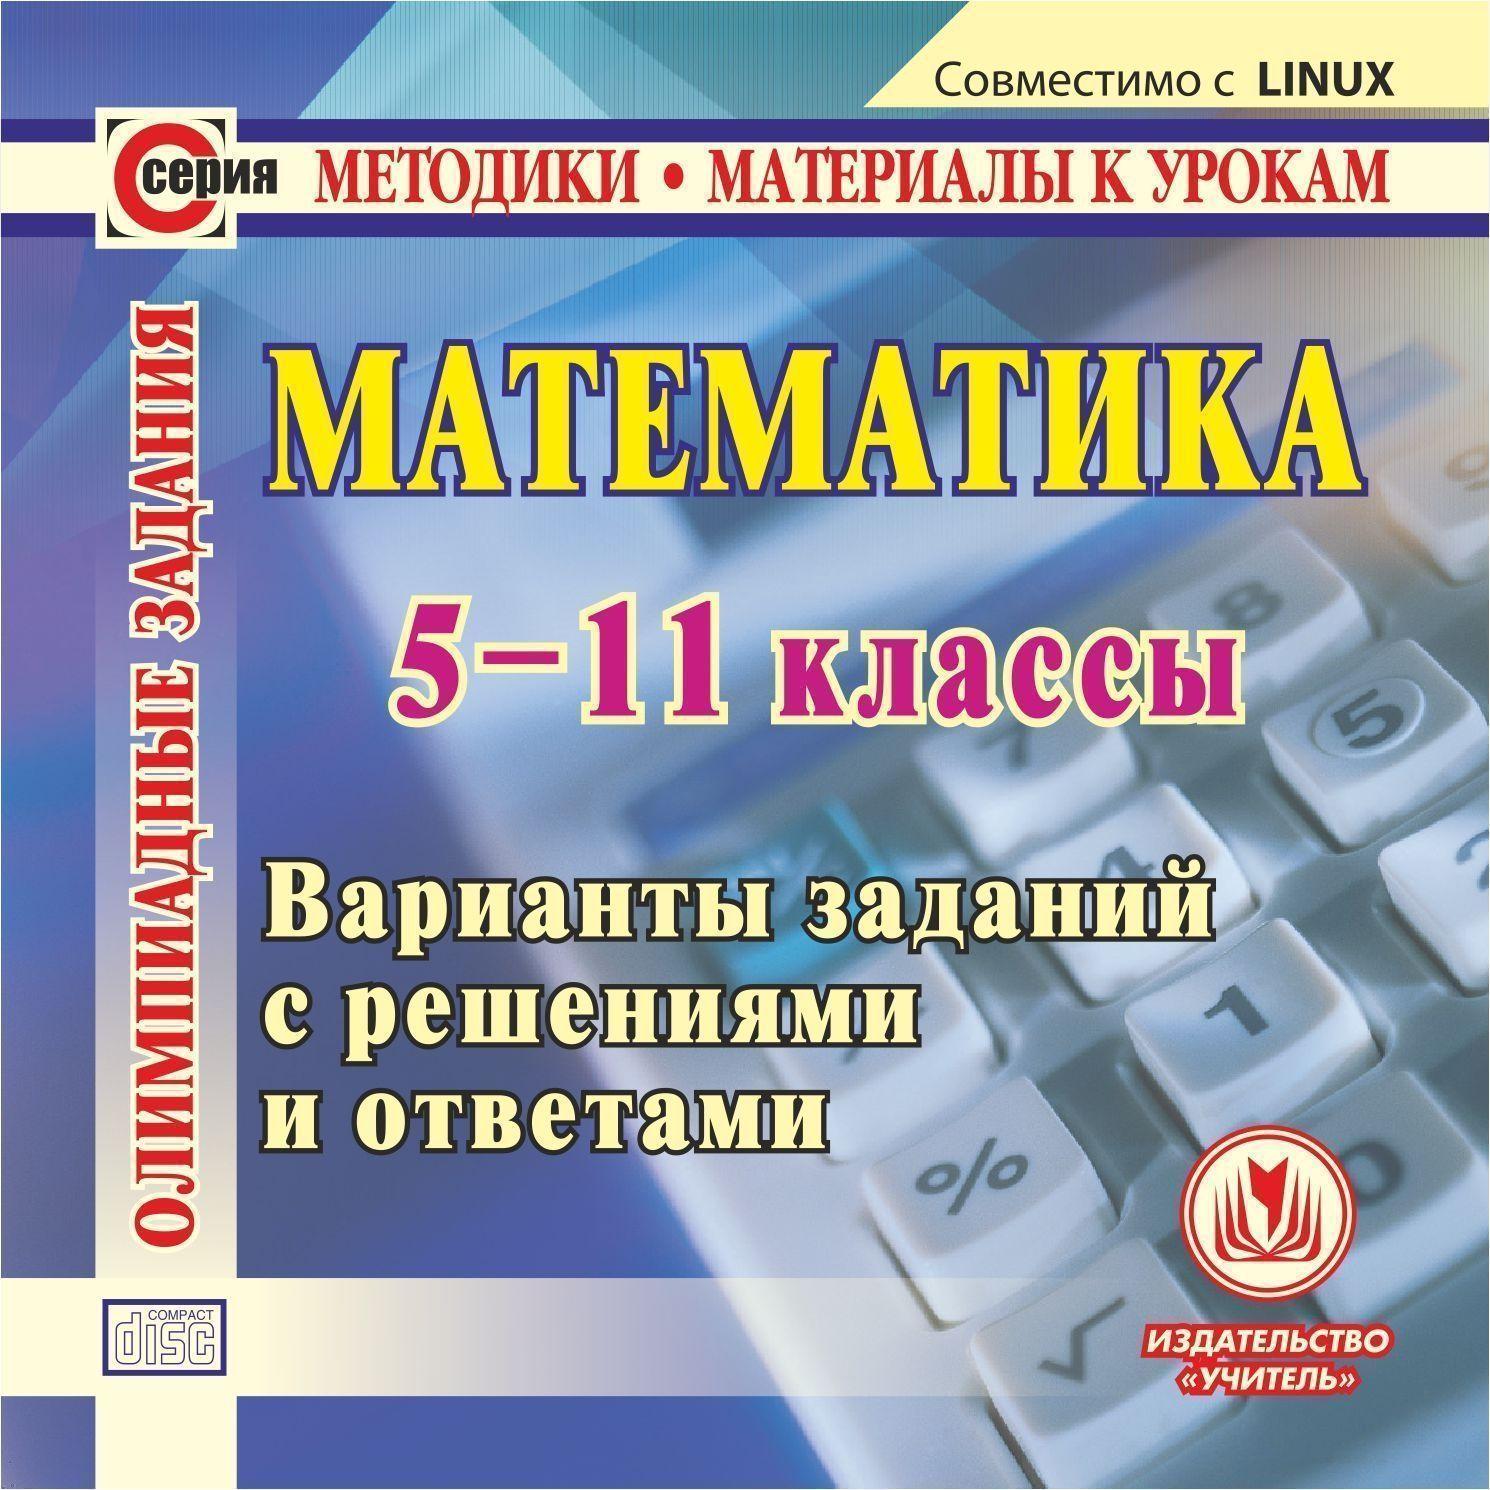 Математика. 5 -11 классы. Олимпиадные задания. Компакт-диск для компьютера: Варианты заданий с решениями и ответами.Предметы<br>Электронное пособие Математика. 5-11 классы. Олимпиадные задания серии Методики. Материалы к урокам содержит нестандартные математические задачи, предназначенные для подготовки и проведения олимпиад с учащимися 5-11 классов.В данном компакт-диске собр...<br><br>Авторы: Безрукова О. Л., Лепёхин Ю. В.<br>Год: 2014<br>Серия: Методики. Материалы к урокам<br>Высота: 125<br>Ширина: 141<br>Толщина: 10